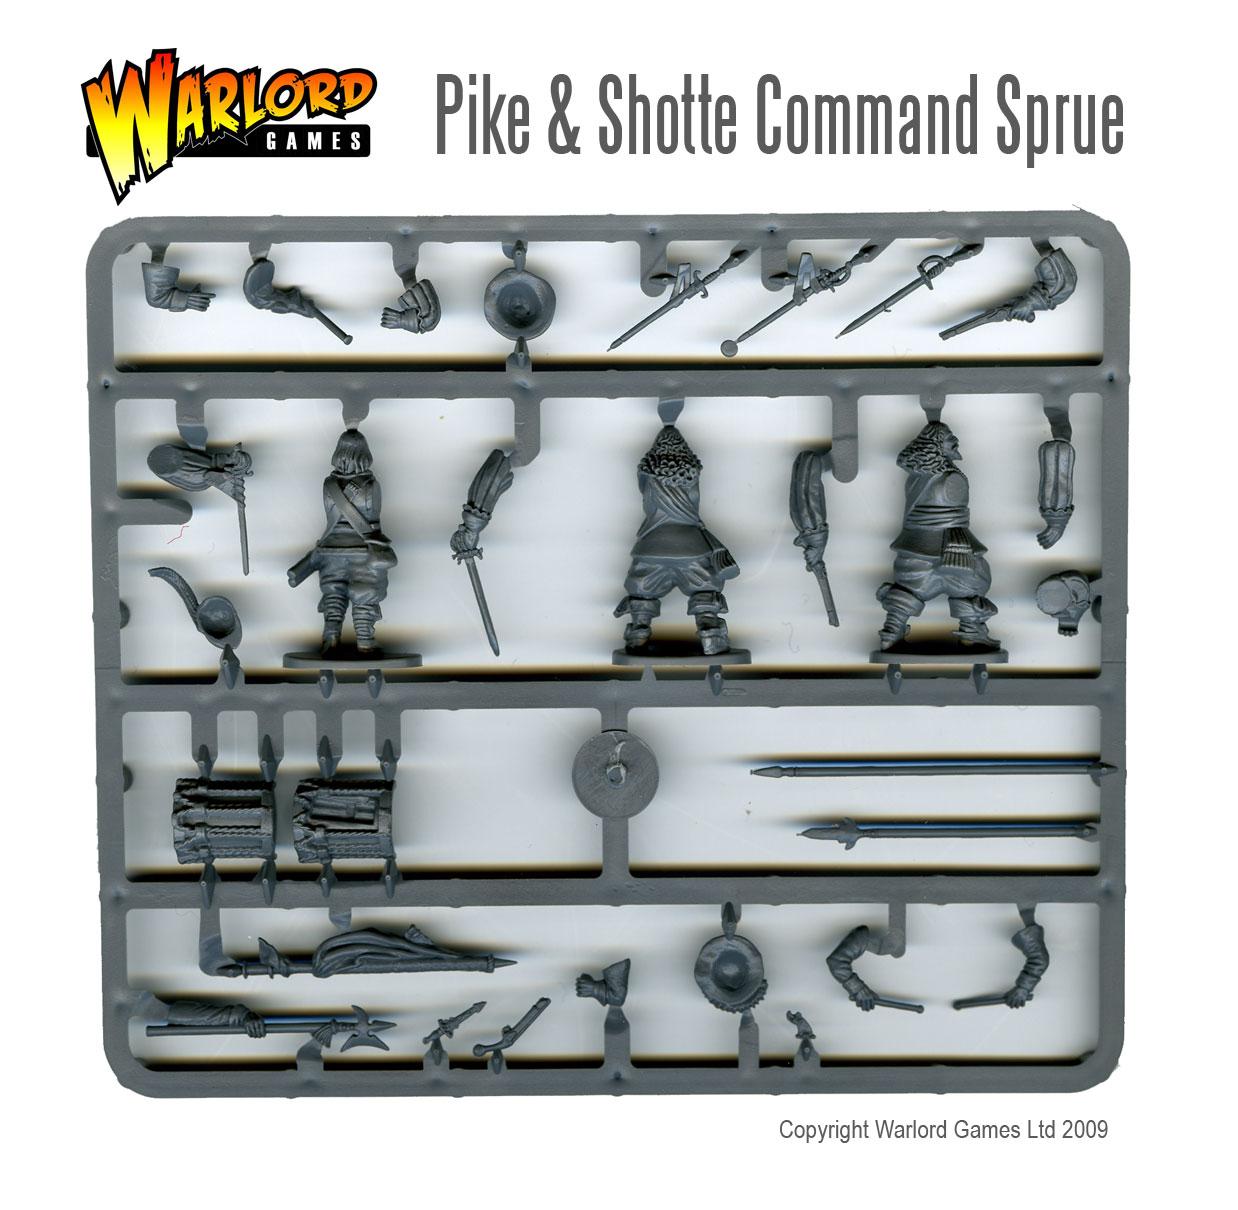 Pike & Shotte Command Sprue Rear